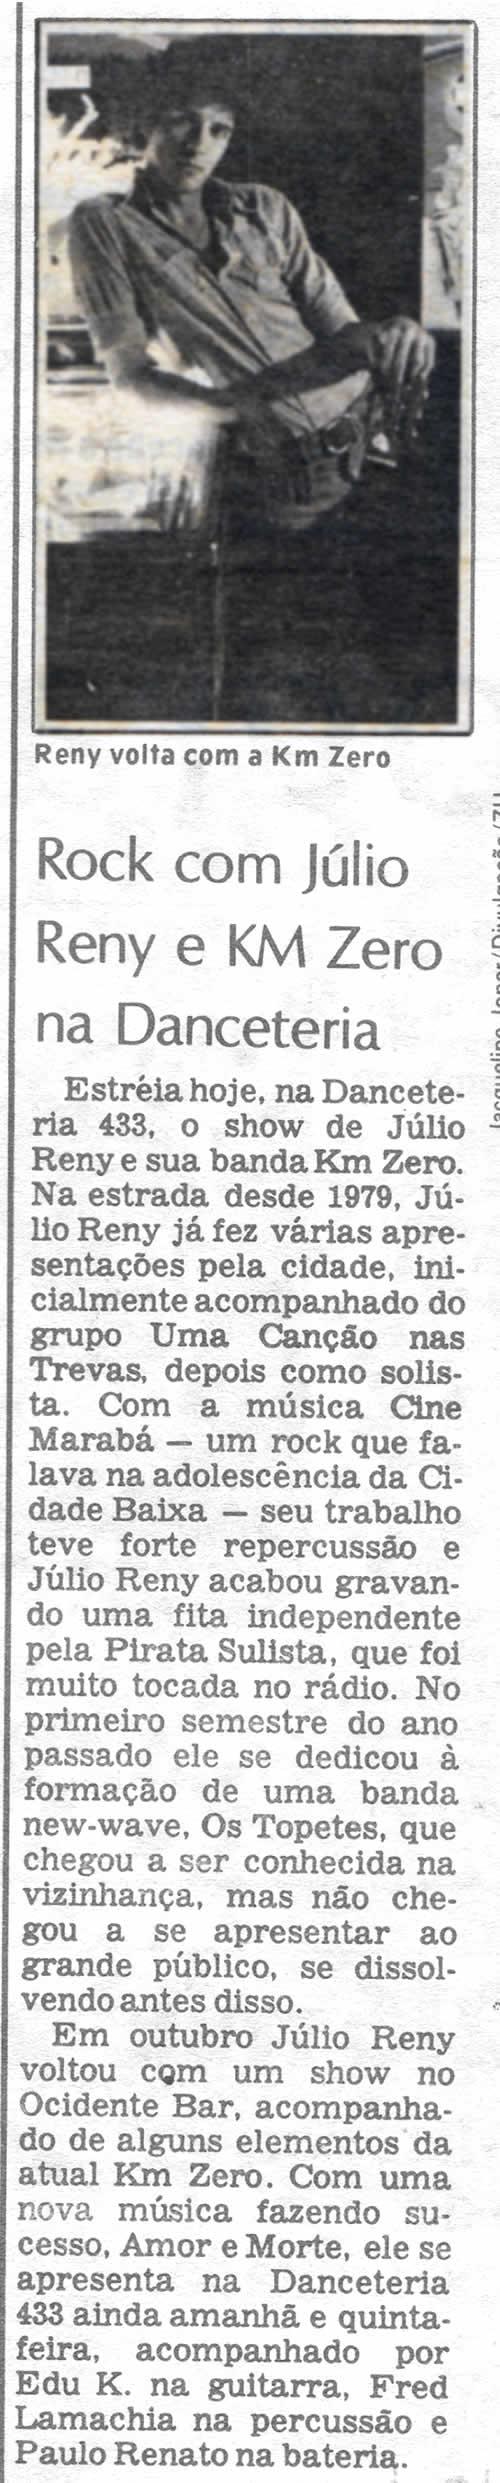 [REVIEW] Rock com Júlio Reny e KM Zero na Danceteria 433